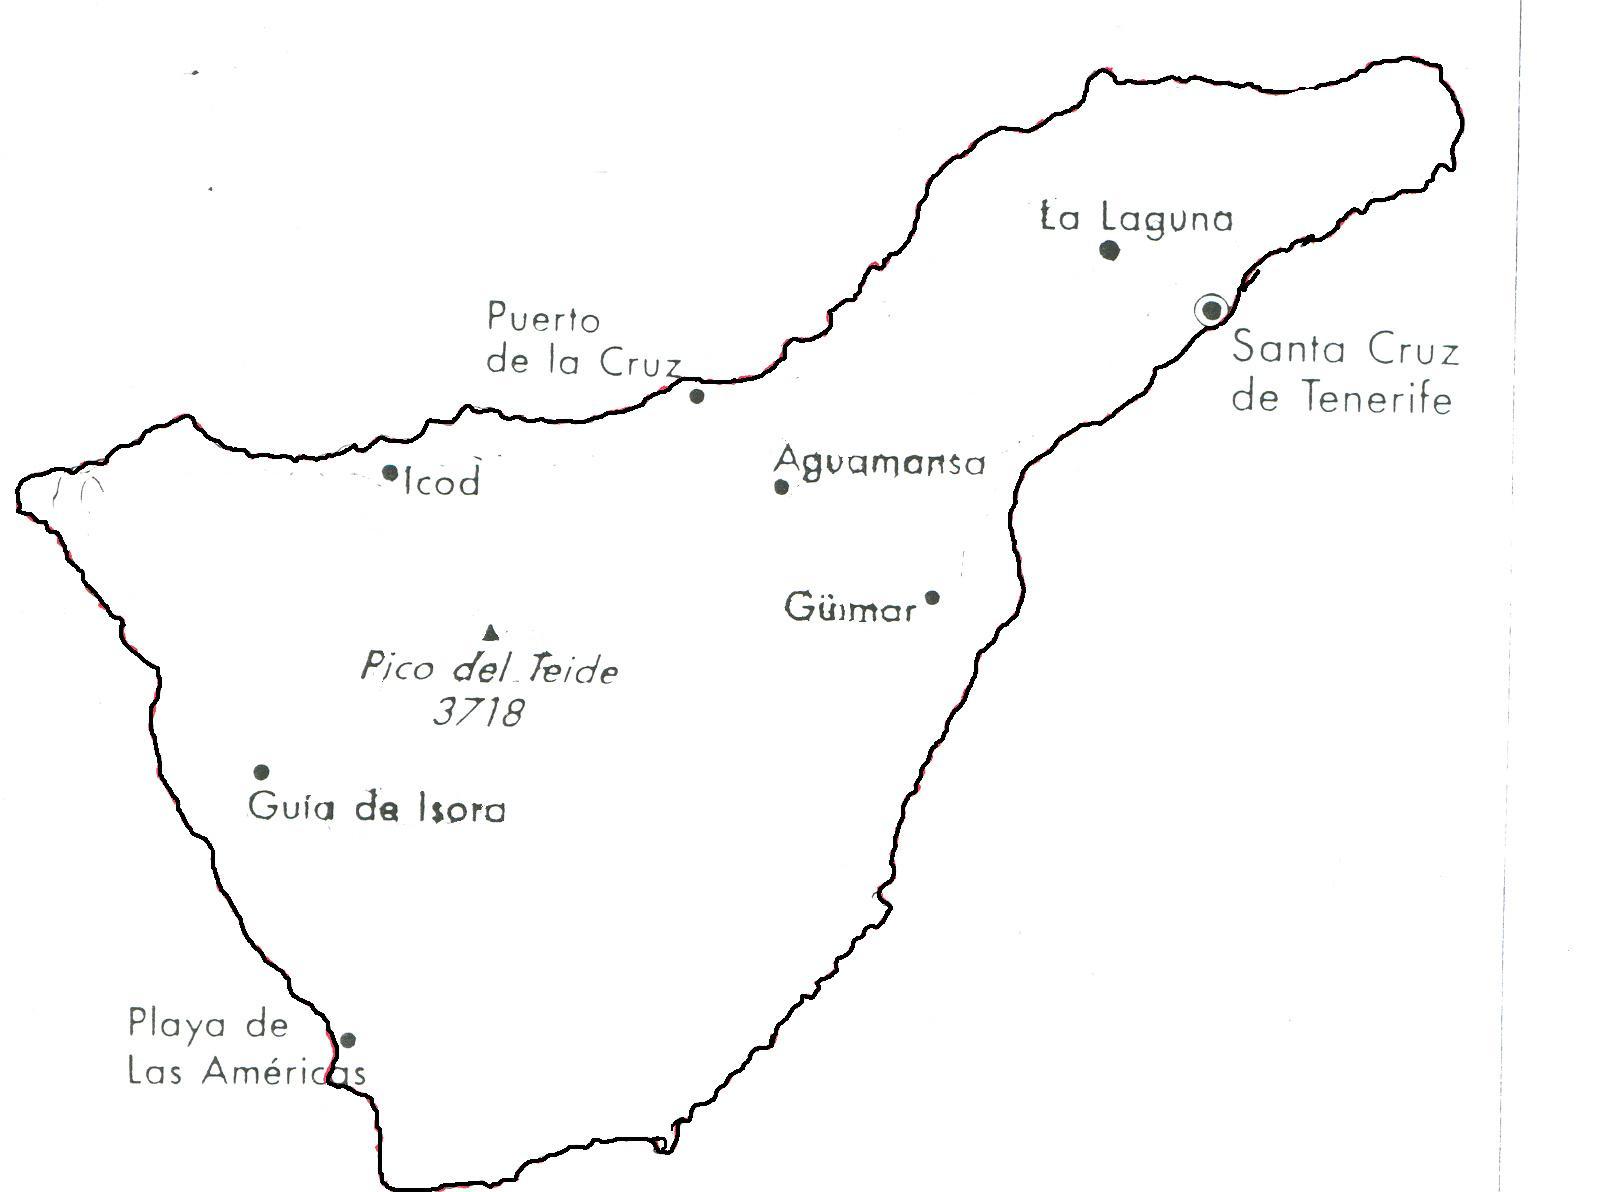 'Degradación del Ecosistema en Tenerife'